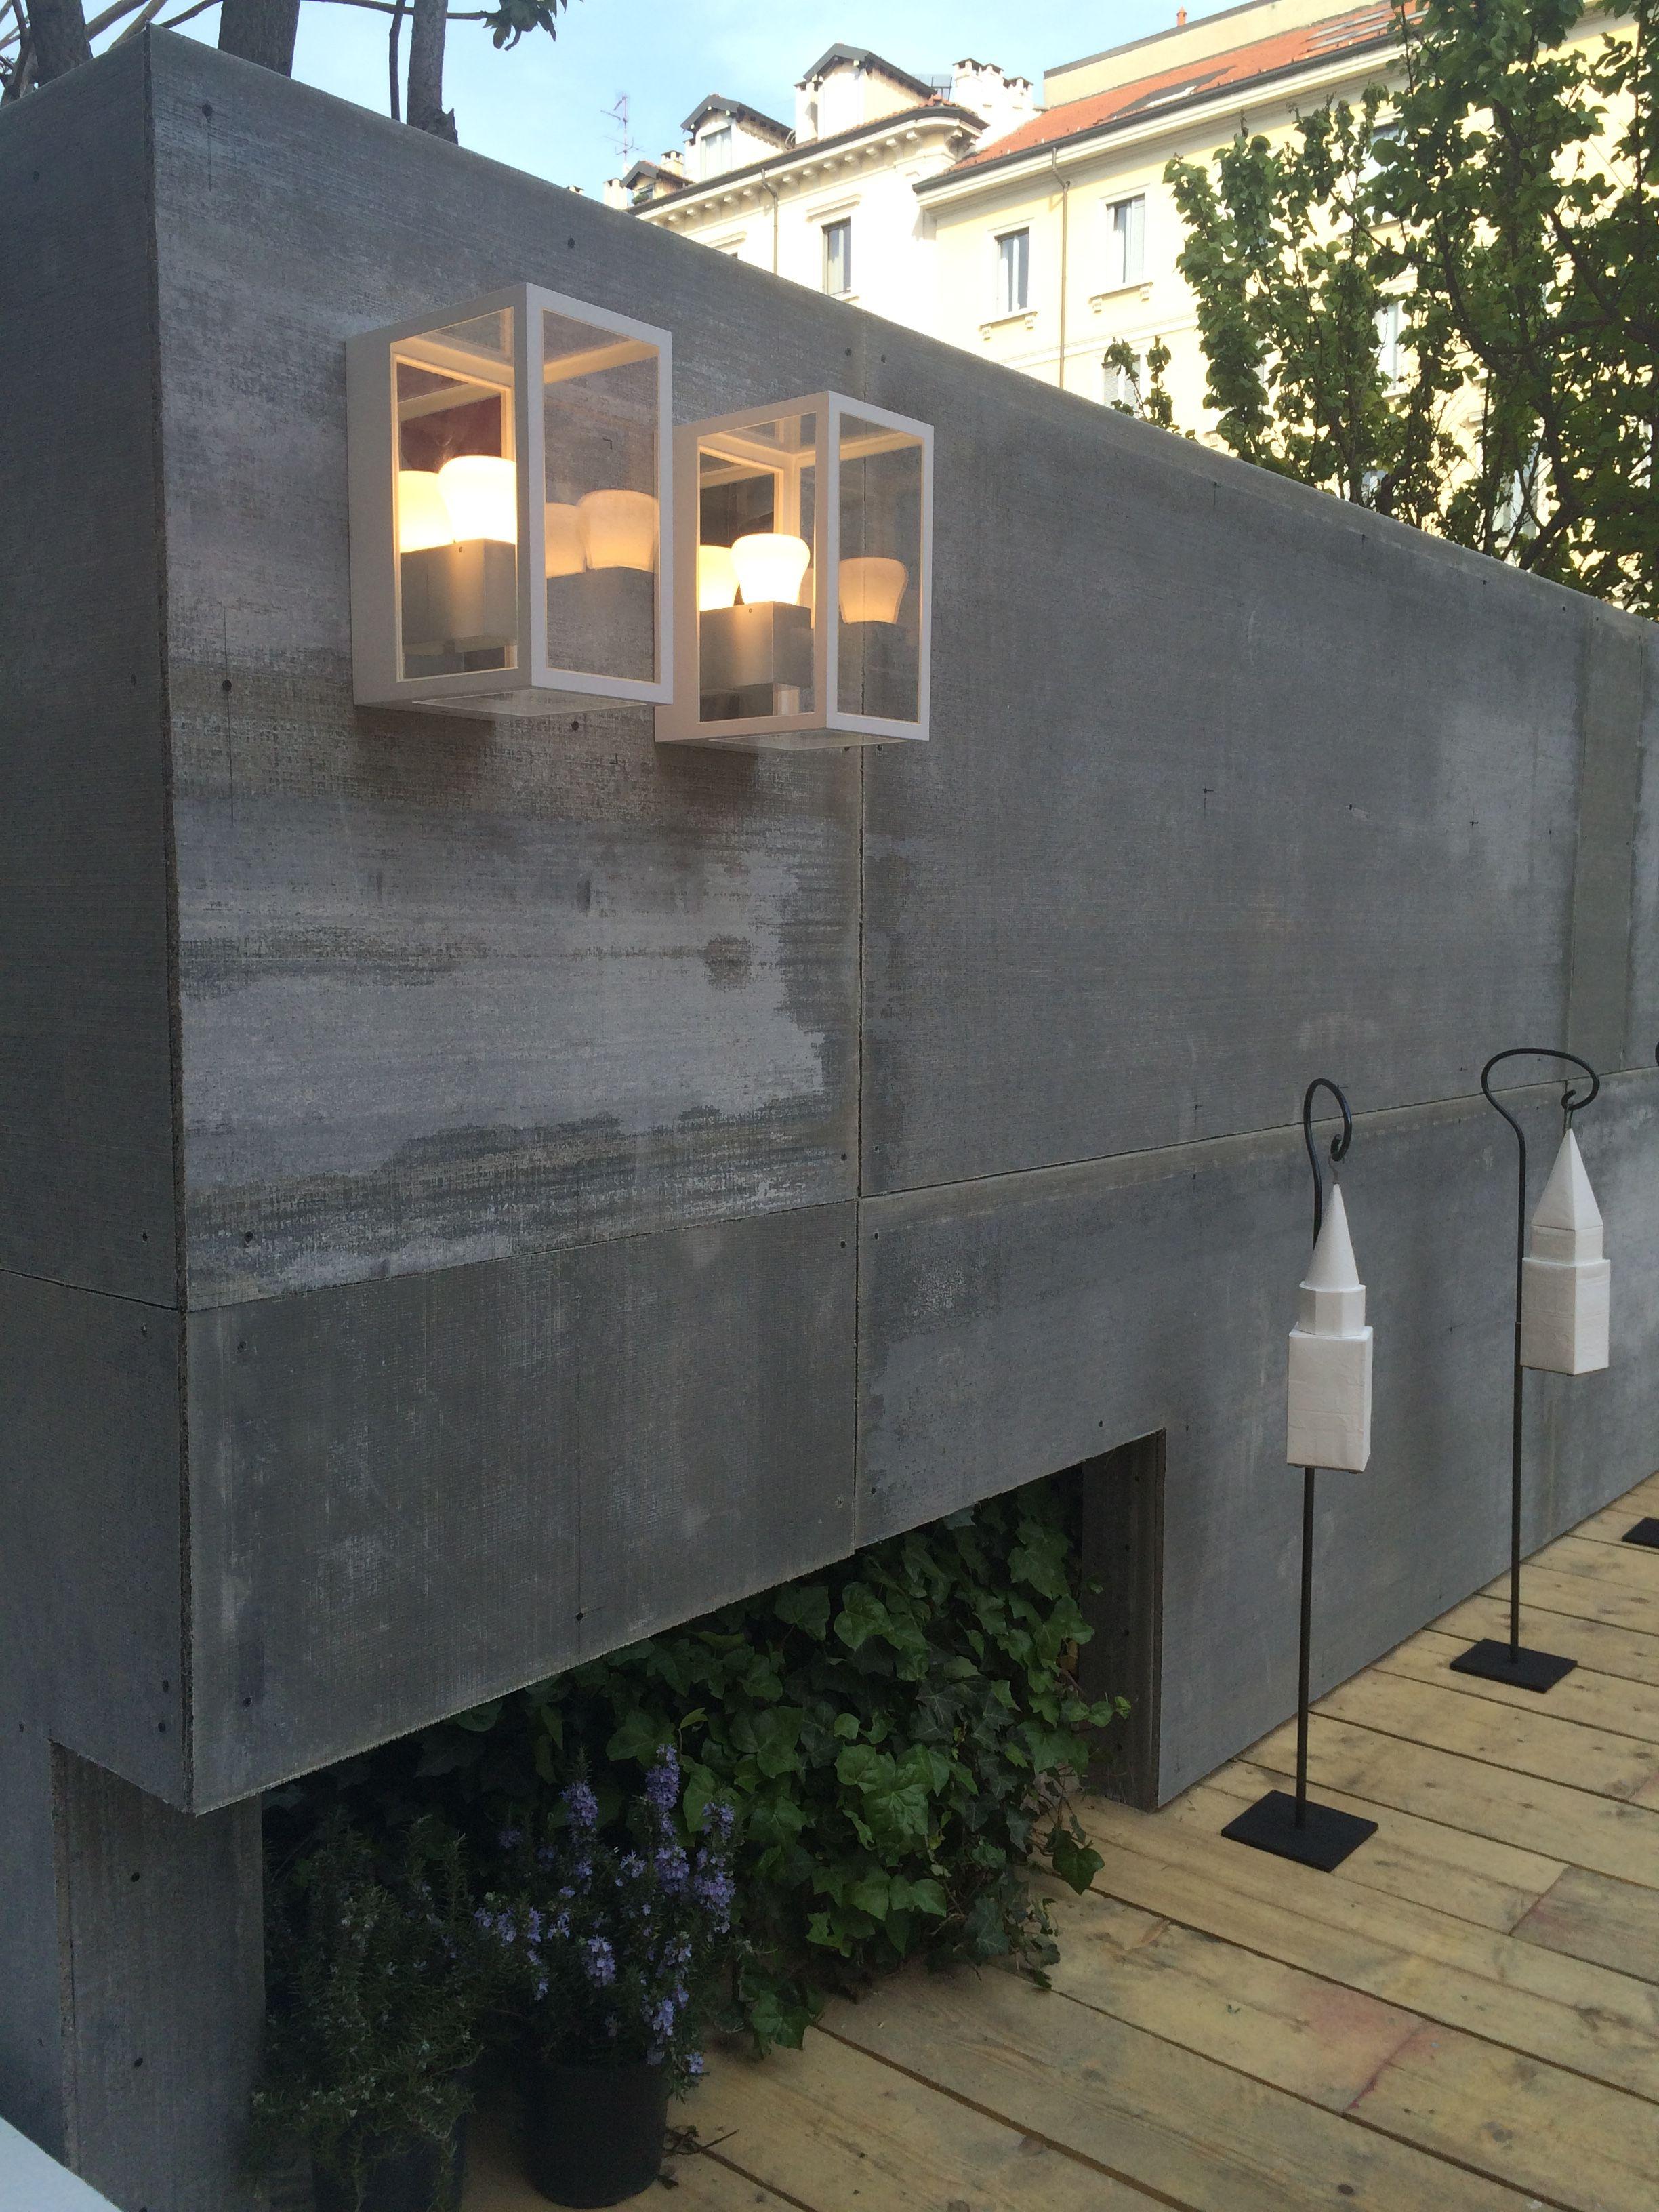 solis silos: nutrirsi di luce, milano aprile 2015